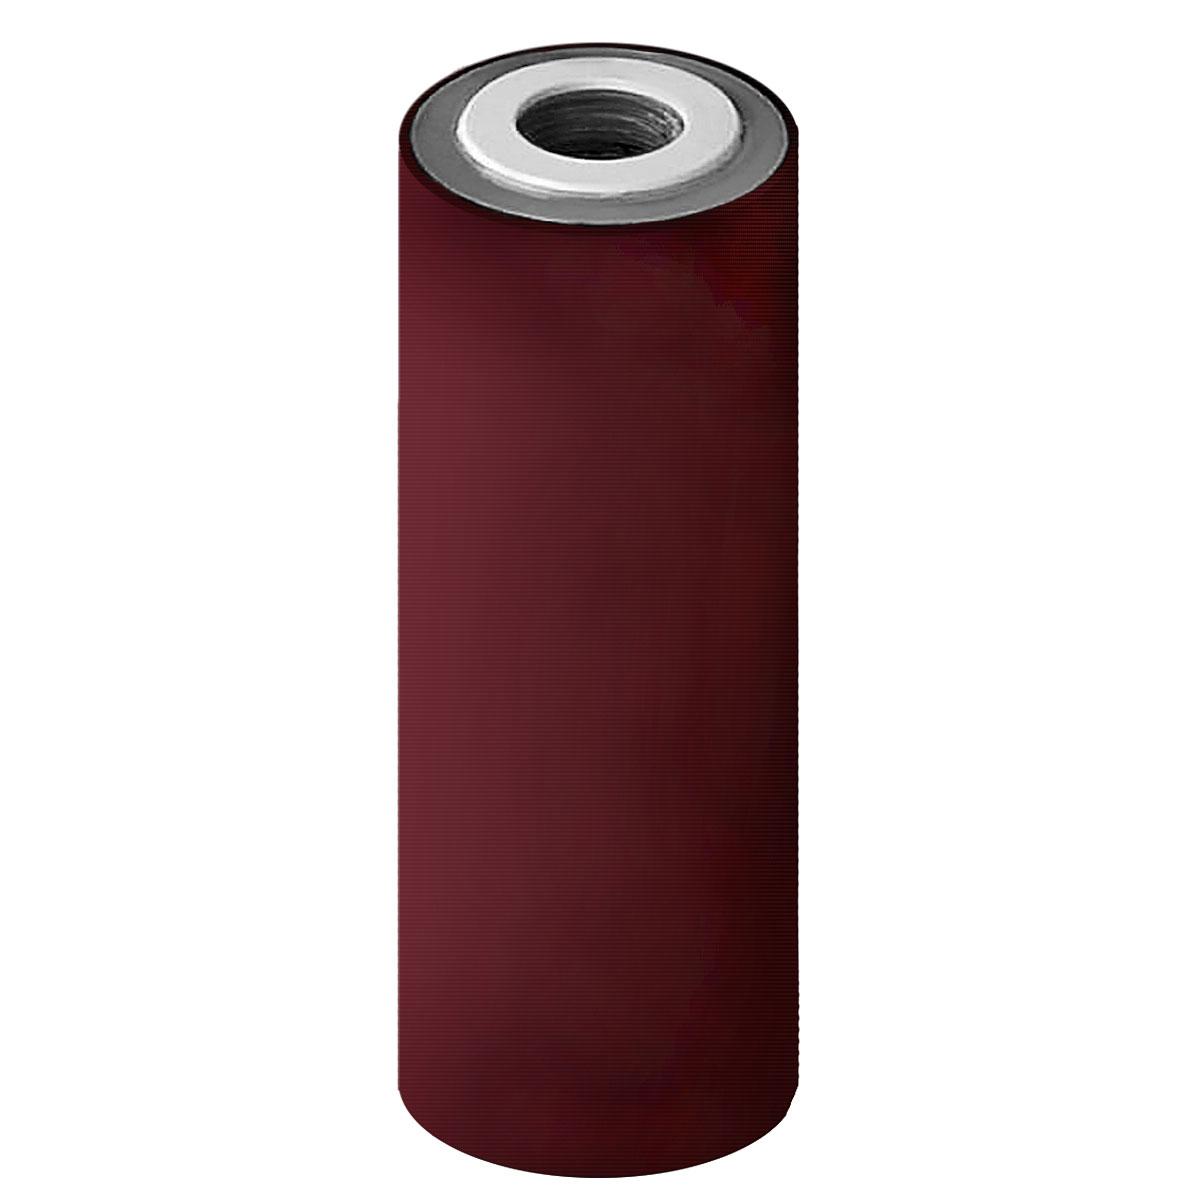 """Сменный картридж Арагон ЕМ-10 предназначен для тонкой очистки воды от свинца, цинка, кадмия, цезия-137, мутности, активного хлора, железа, алюминия, а также болезнетворных микроорганизмов и канцерогенов. Фильтроматериал изготовлен по специальной технологии микропористого ионообменного полимера с бактериостатической добавкой серебра. Механические примеси (ржавчина, ил, песок, глина) осаждаются преимущественно на внешней поверхности фильтроматериала. Соединения железа, алюминия, свинца, радиоактивных элементов и другие растворимые примеси удаляются в процессе ионного обмена. Внутренняя поглощающая поверхность удаляет из воды хлор, органические соединения, нефтепродукты, хлорорганические соединения и другие вредные примеси. Благодаря эффекту """"квазиумягчения"""" соли жесткости изменяют свою кристаллическую структуру на арагонитовую, в результате чего снижается количество накипи.   Основные преимущества:  - Наглядная самоиндикация необходимости замены или регенерации картриджа.  - Повышенная скорость сорбции по сравнению с традиционными зернистыми фильтрующими материалами.  - Ионообменные свойства материала позволяют одновременно очищать воду от солей жесткости, растворенного и коллоидного железа, тяжелых металлов и их соединений.  - Образование арагонитовой структуры солей жесткости снижает количество накипи и вода насыщается полезным, хорошо усвояемым организмом человека кальцием.  - Бактерицидный эффект за счет наличия активного серебра.  - Комплексная очистка воды достигается сочетанием микрофильтрации, ионного обмена и сорбции в одном фильтрующем элементе.  - Возможность многократной регенерации ионообменного картриджа.  - Может использоваться для очистки холодной и горячей воды.   Картридж можно многократно очищать от отфильтрованной взвеси и поглощенных химических примесей. Промыть поверхность картриджа под струей воды. Поглощенные химические примеси вымываются при обработке раствором лимонной кислоты. Характеристики:  Производительность: 6-8 л/мин. Ресурс (с учетом """